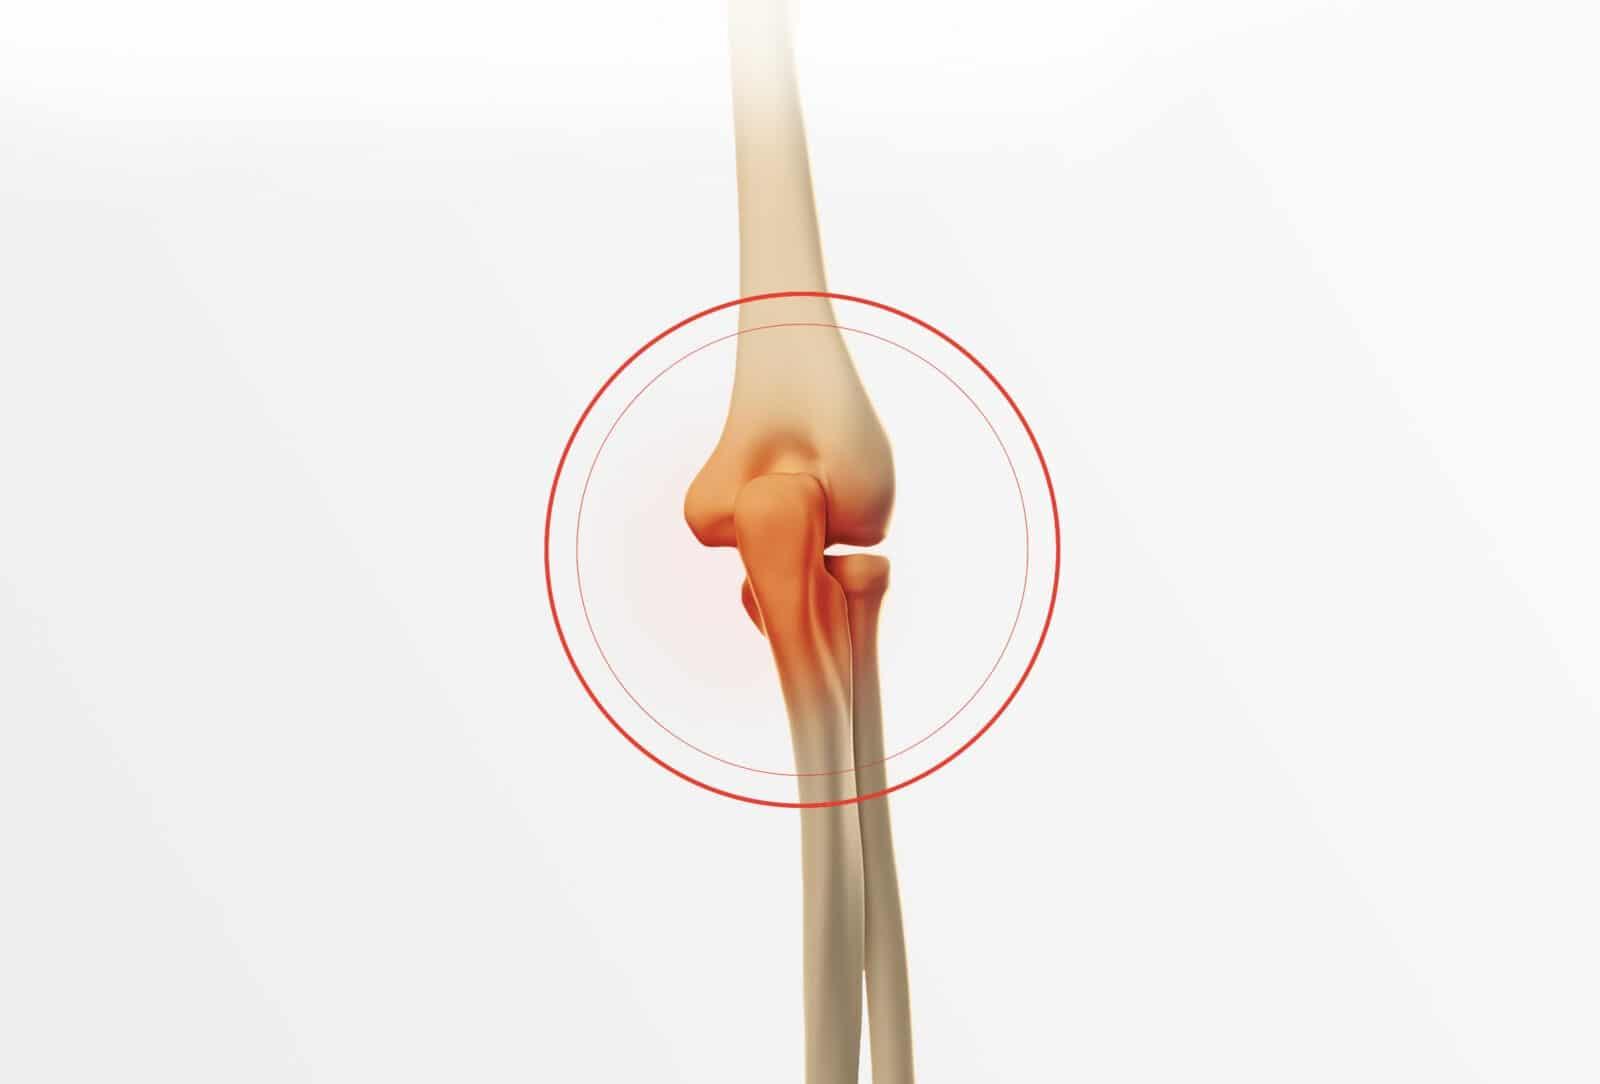 Traitement fracture du coude à Paris - Dr Paillard: Chirurgien orthopédique